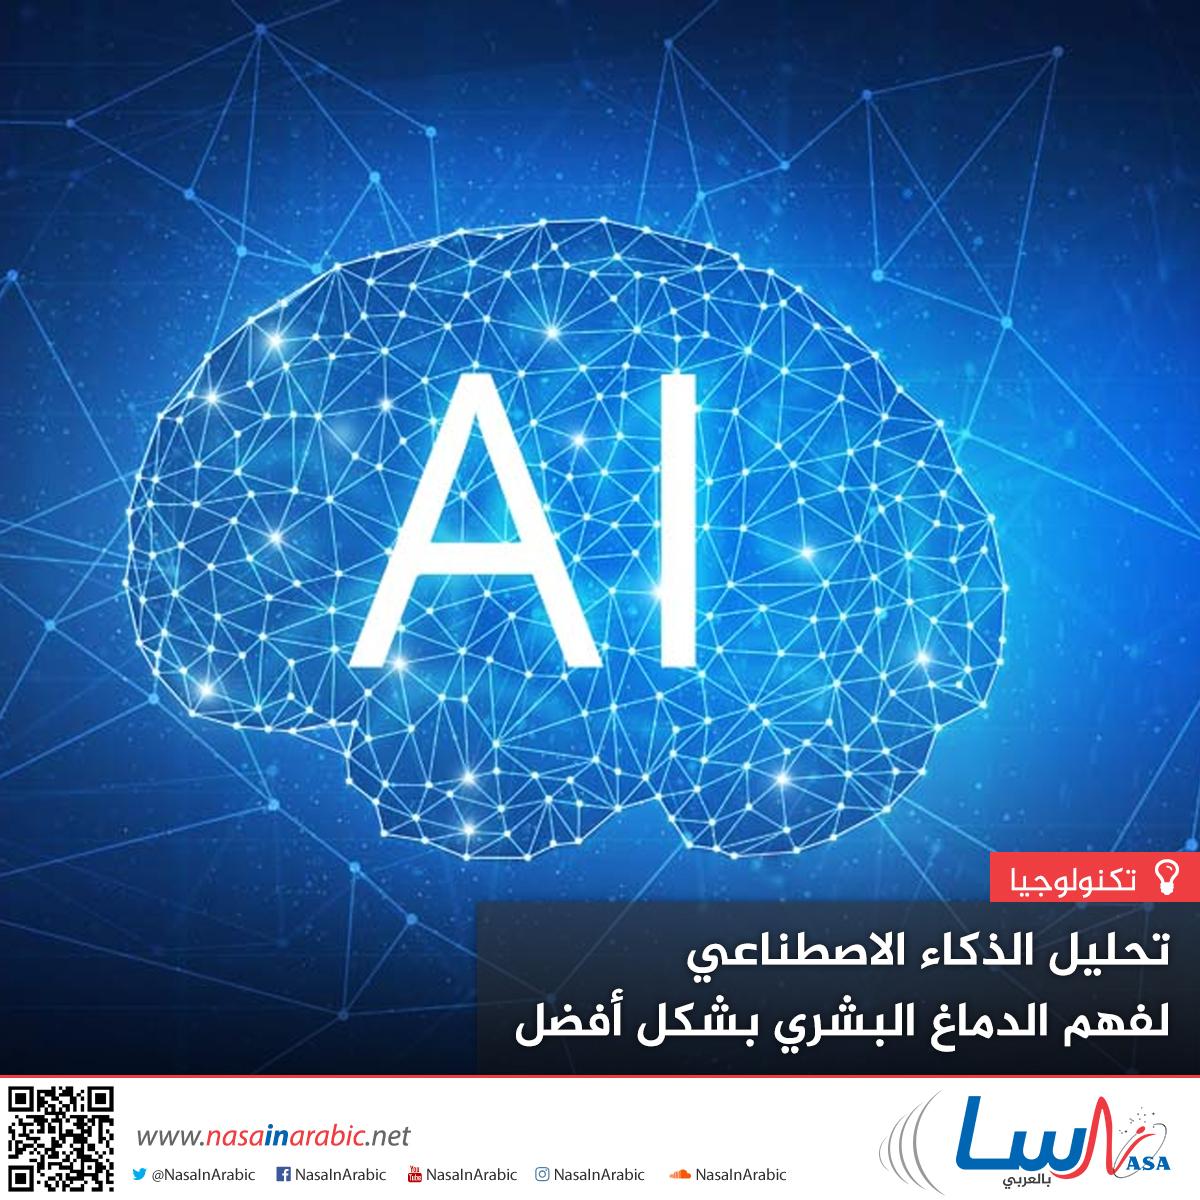 تحليل الذكاء الاصطناعي لفهم الدماغ البشري بشكل أفضل